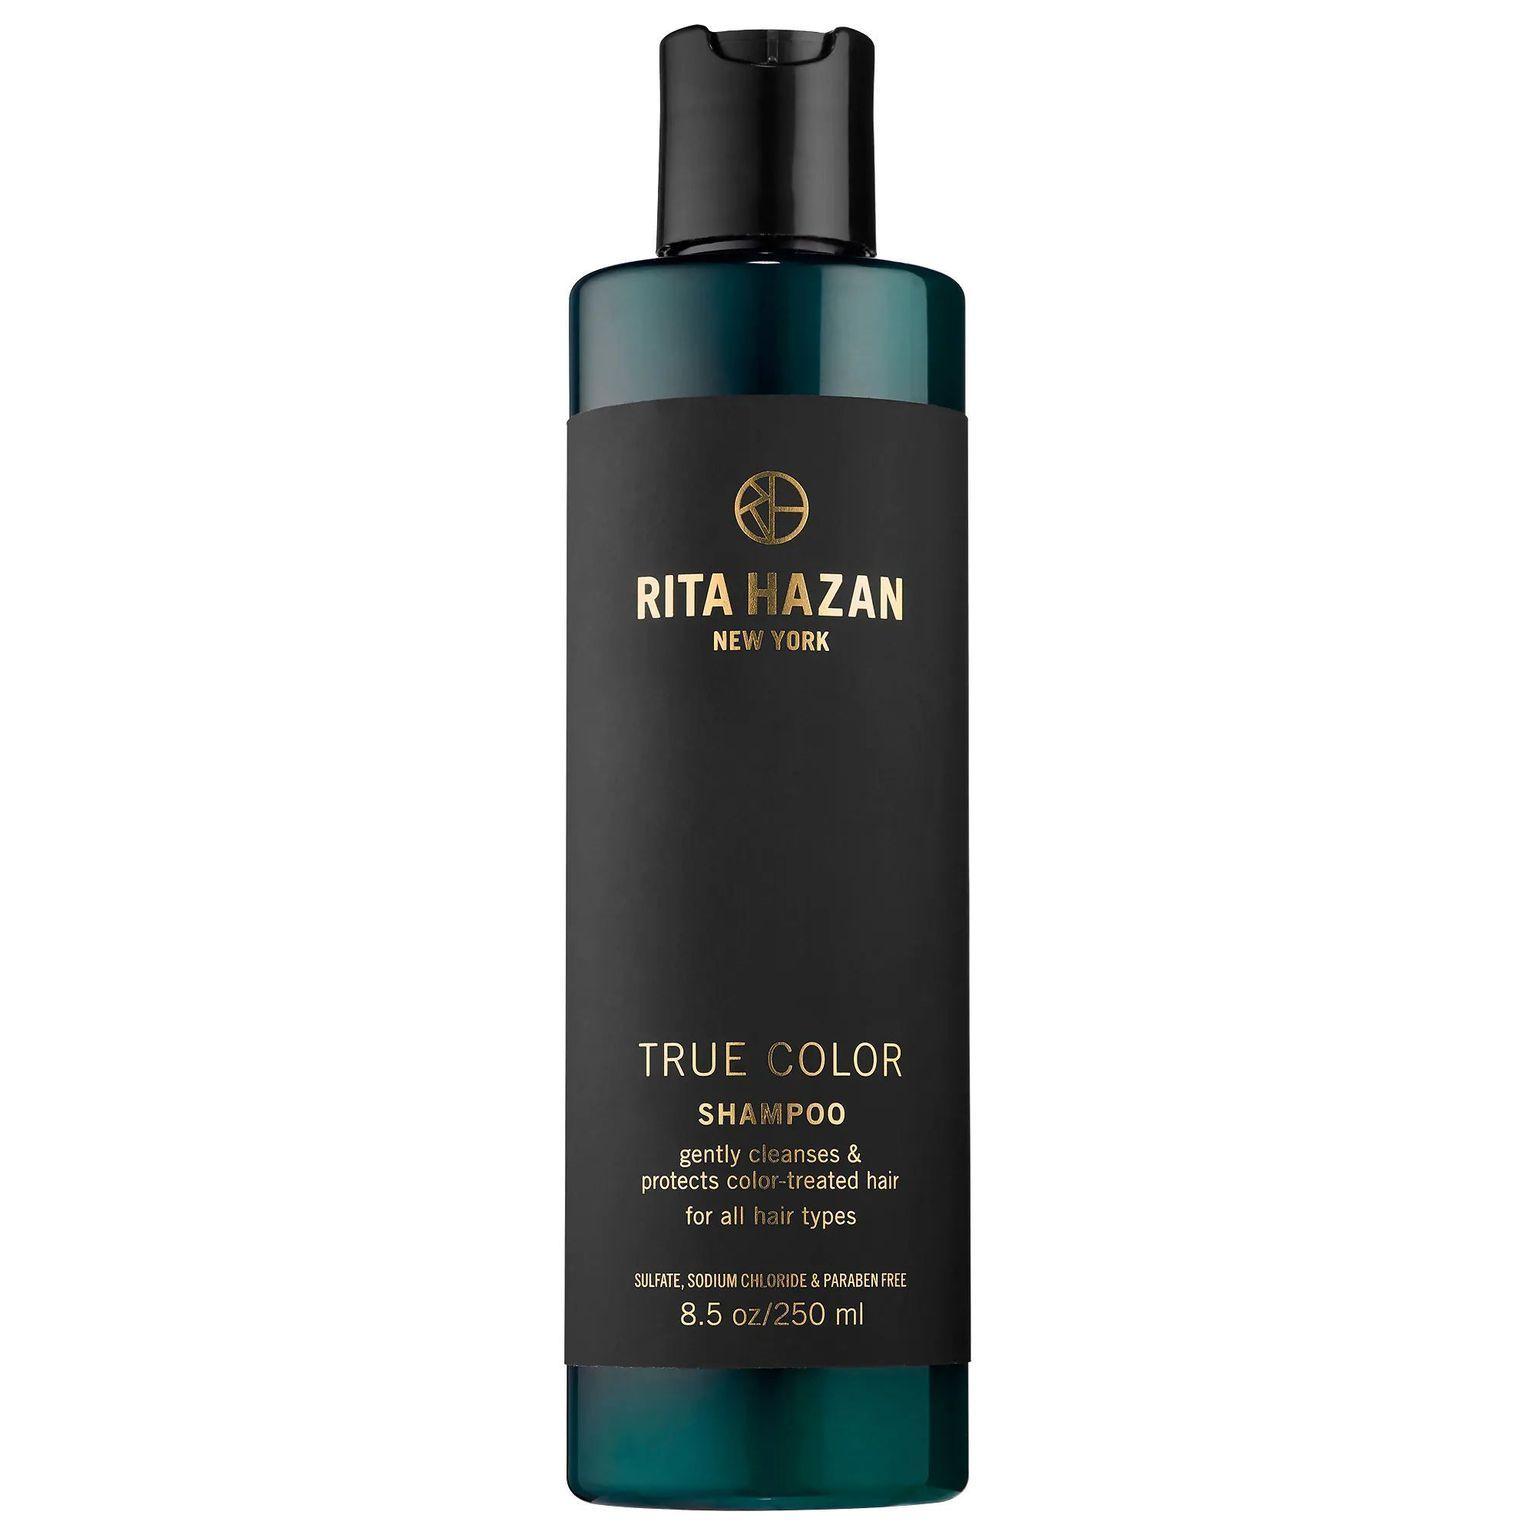 True Color Shampoo